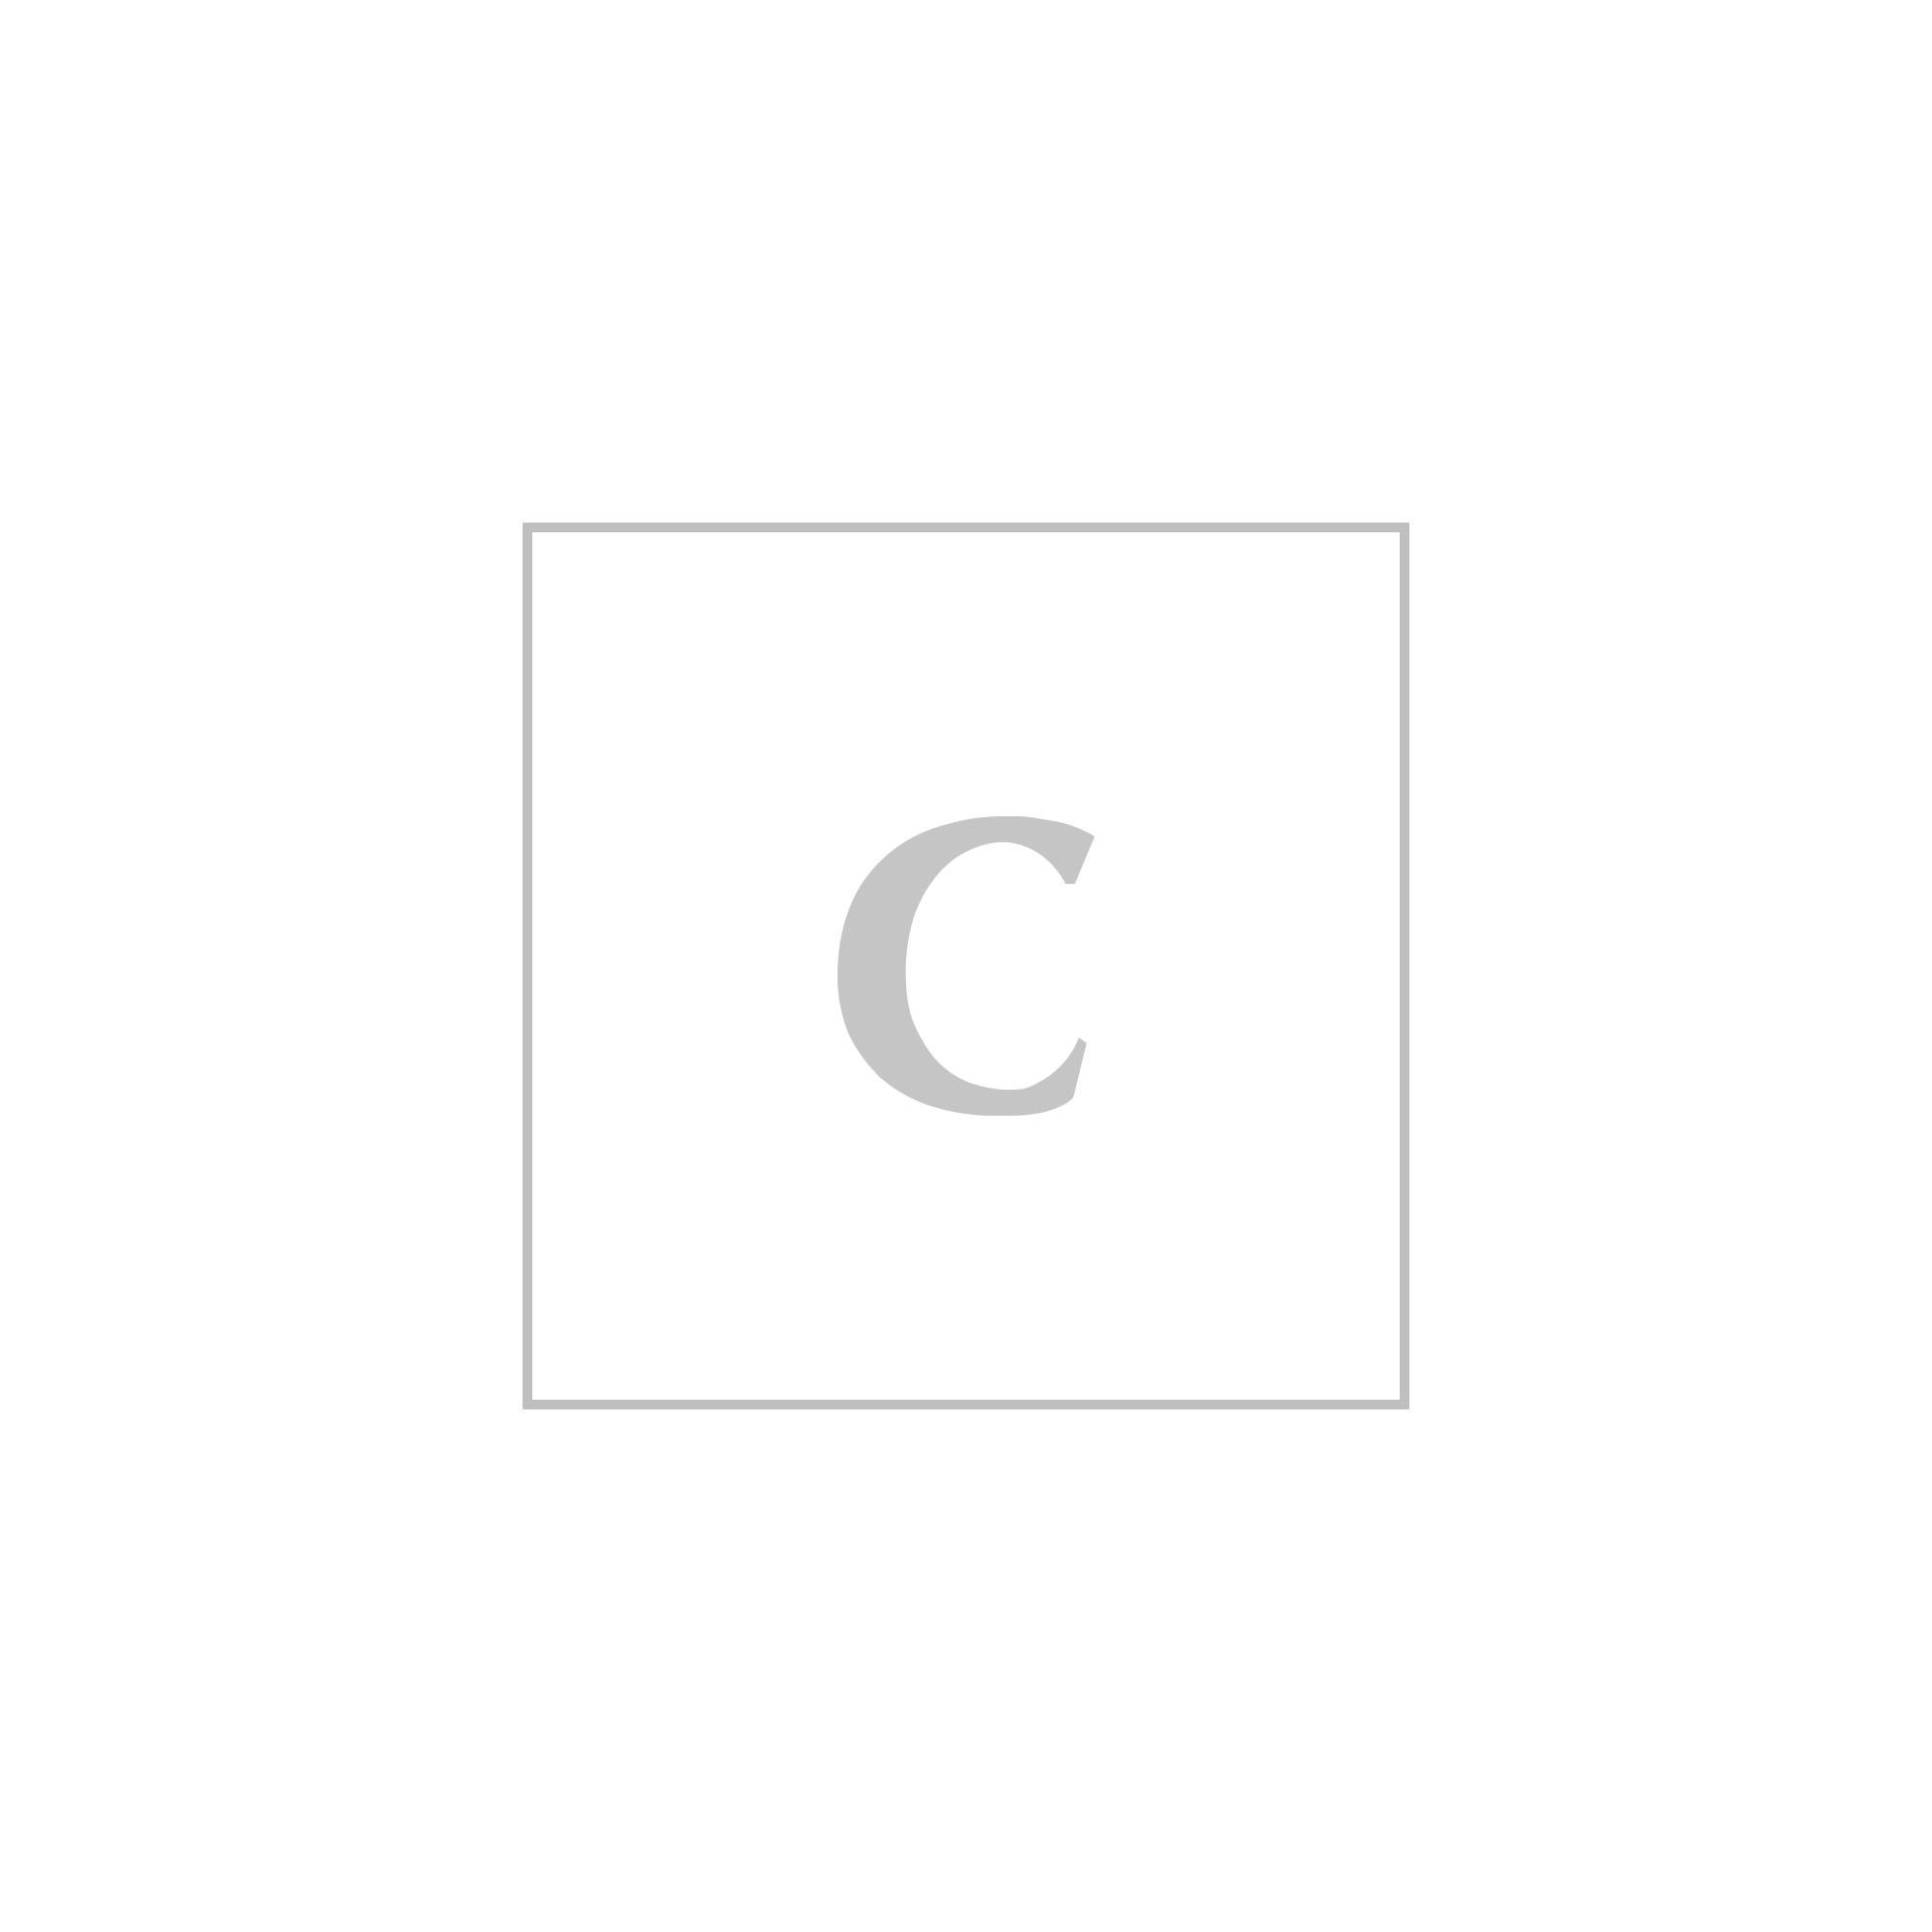 Prada chamois calfskin bag